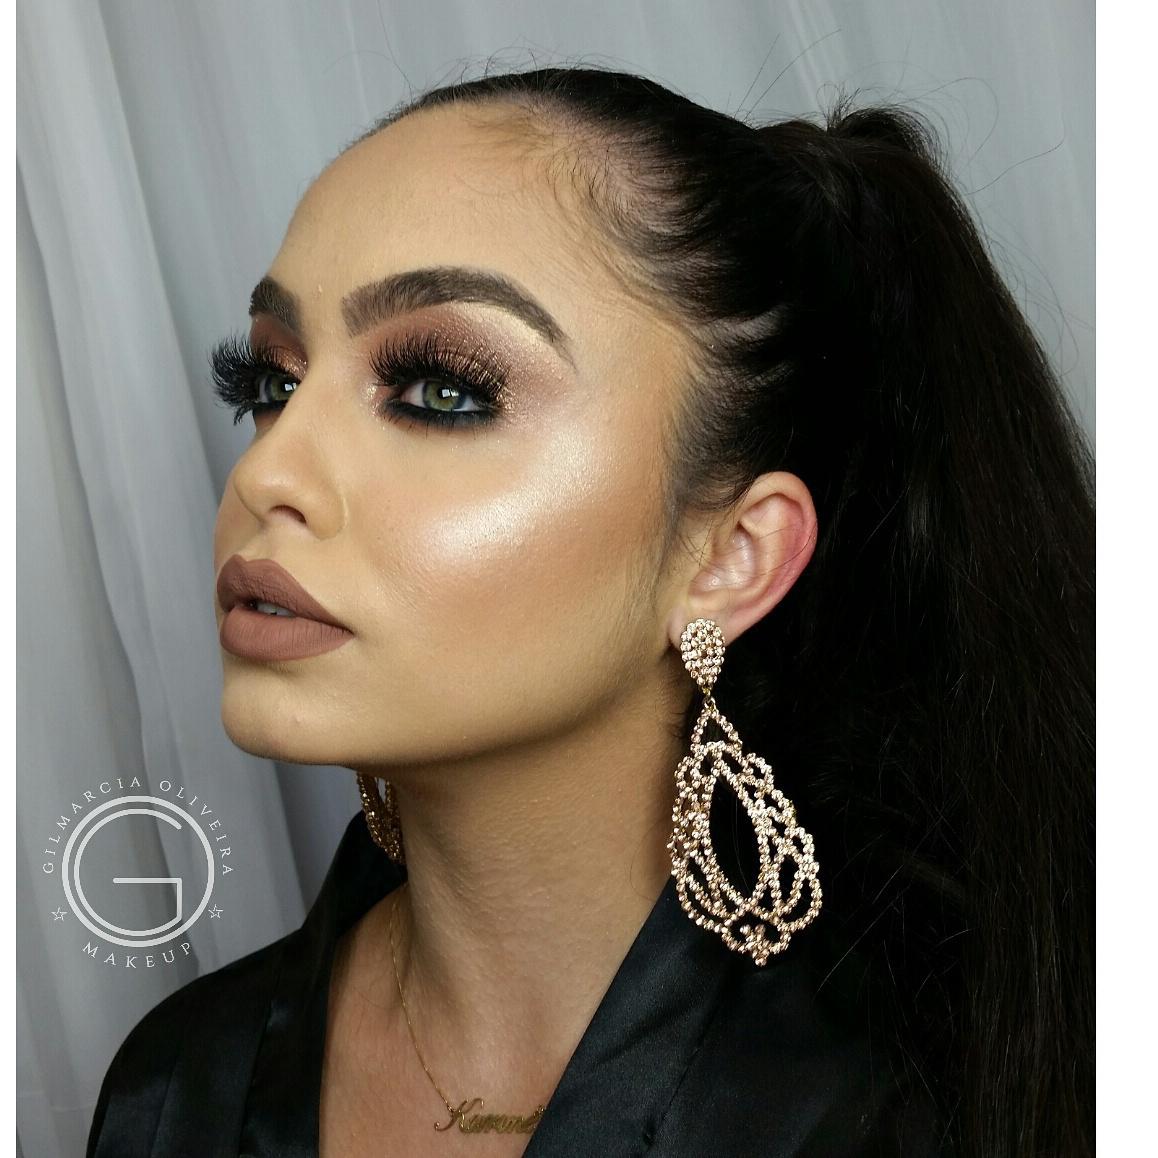 Make glam !!❤❤❤ #makeupbrasil #maccosmeticsbrasil #atelierparis #mundodamaquiagem #loucaspormaquiagem #inglot #contem1g #thebalm #daymakeup #maisvaidosa #tartelette #eudora #tutorialmakeup #makeup  maquiagem